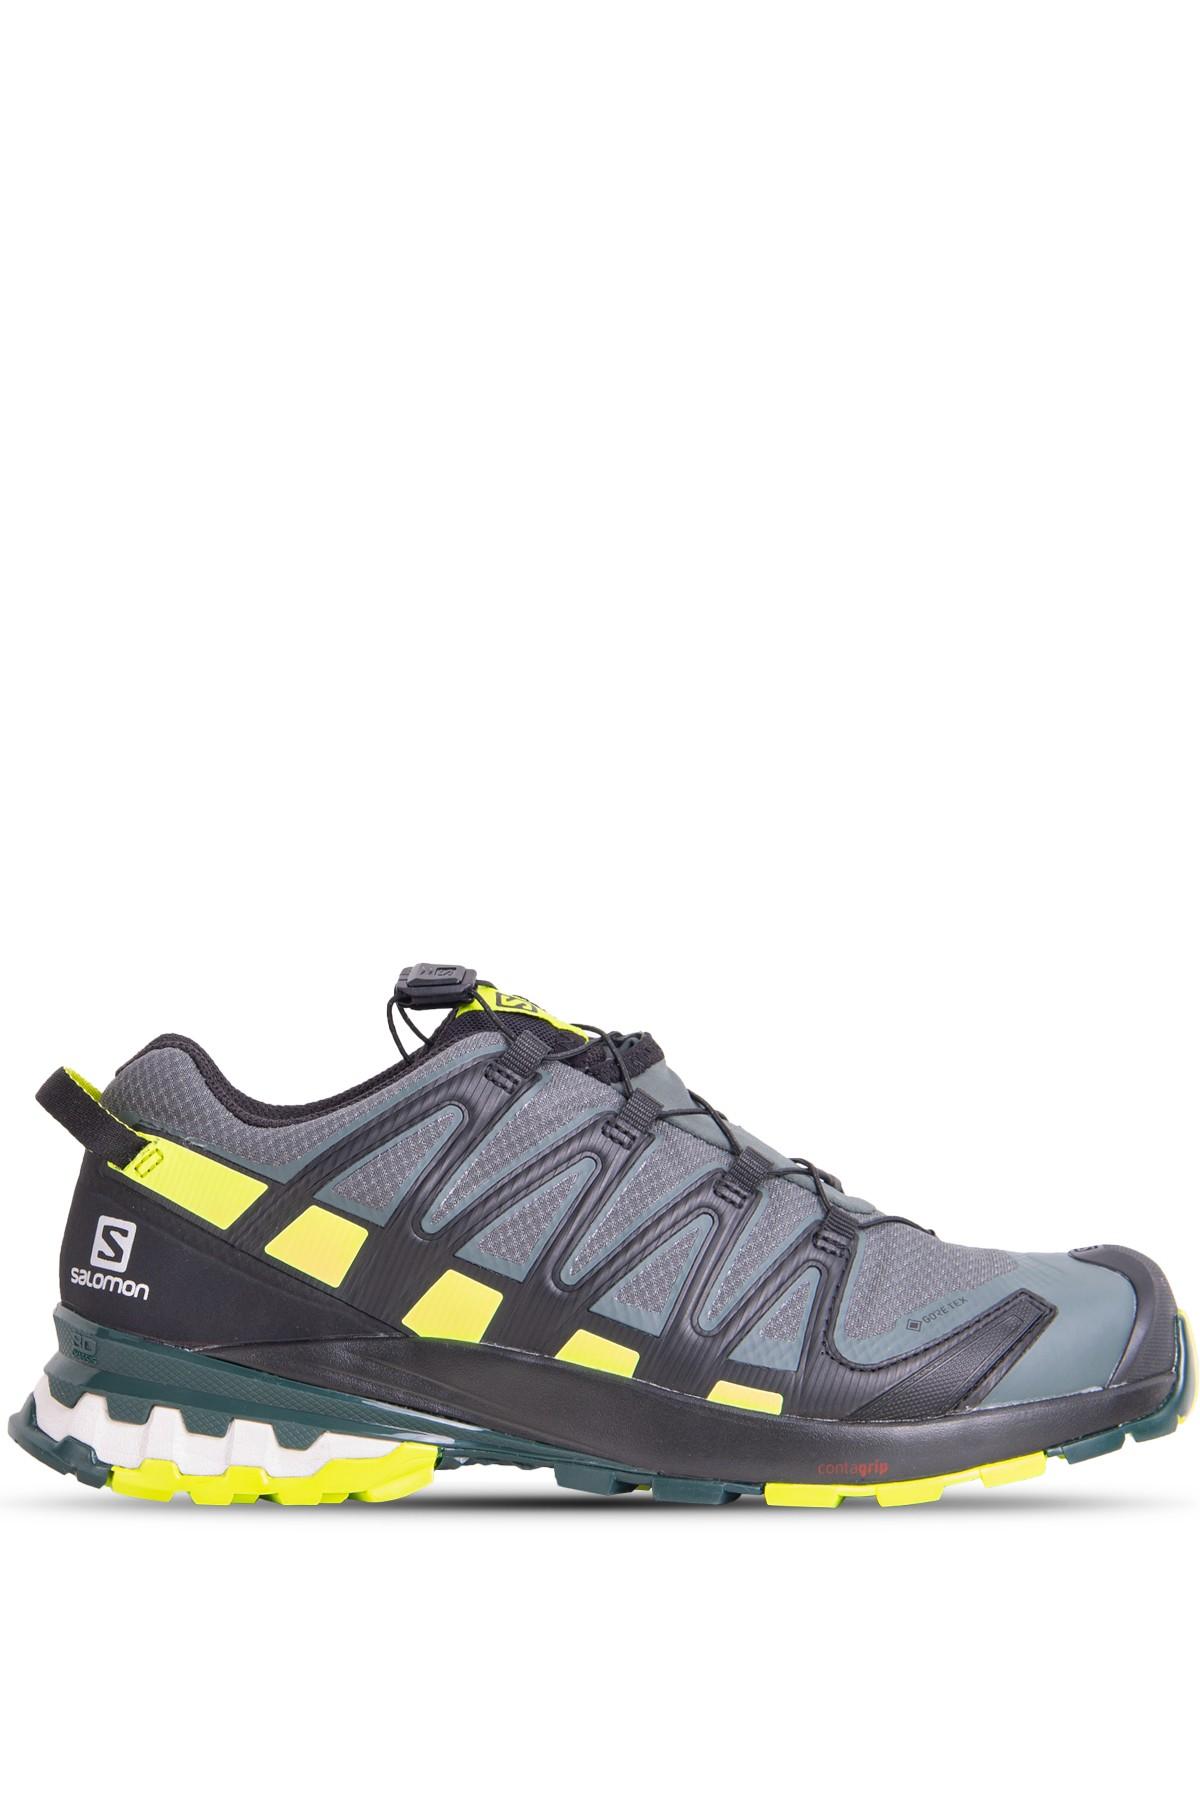 Saloman Erkek Haki Outdoor Ayakkabı(L41118000)